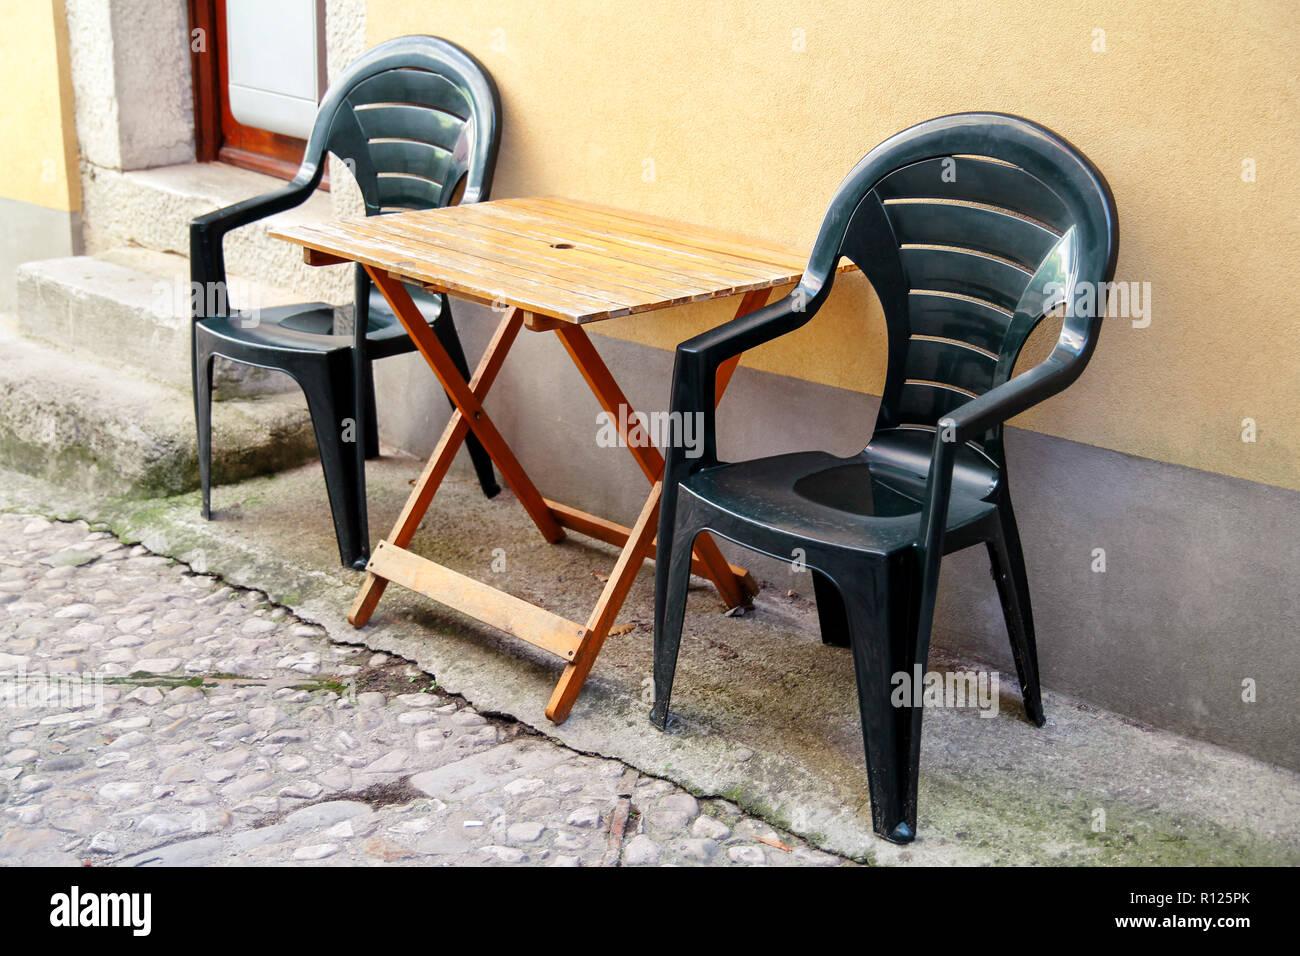 Sedie Per Esterno Plastica.Verde Di Plastica Sedie E Tavolo In Legno Per Esterno Nella Parte